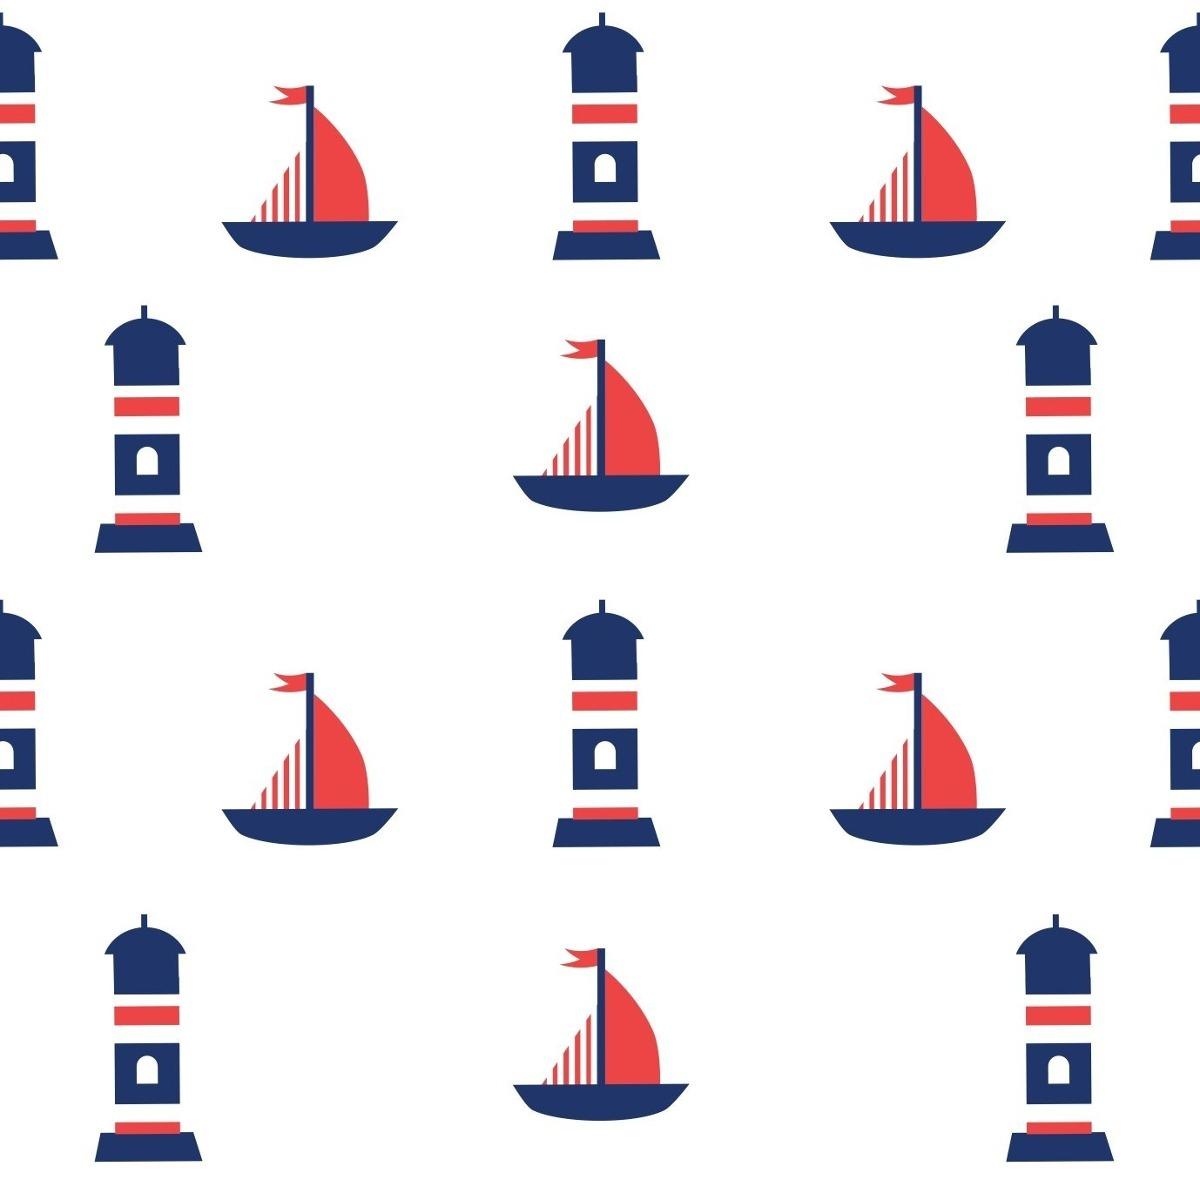 Papel De Parede Quarto Infantil Barco Farol Marinheiro 1 5m R